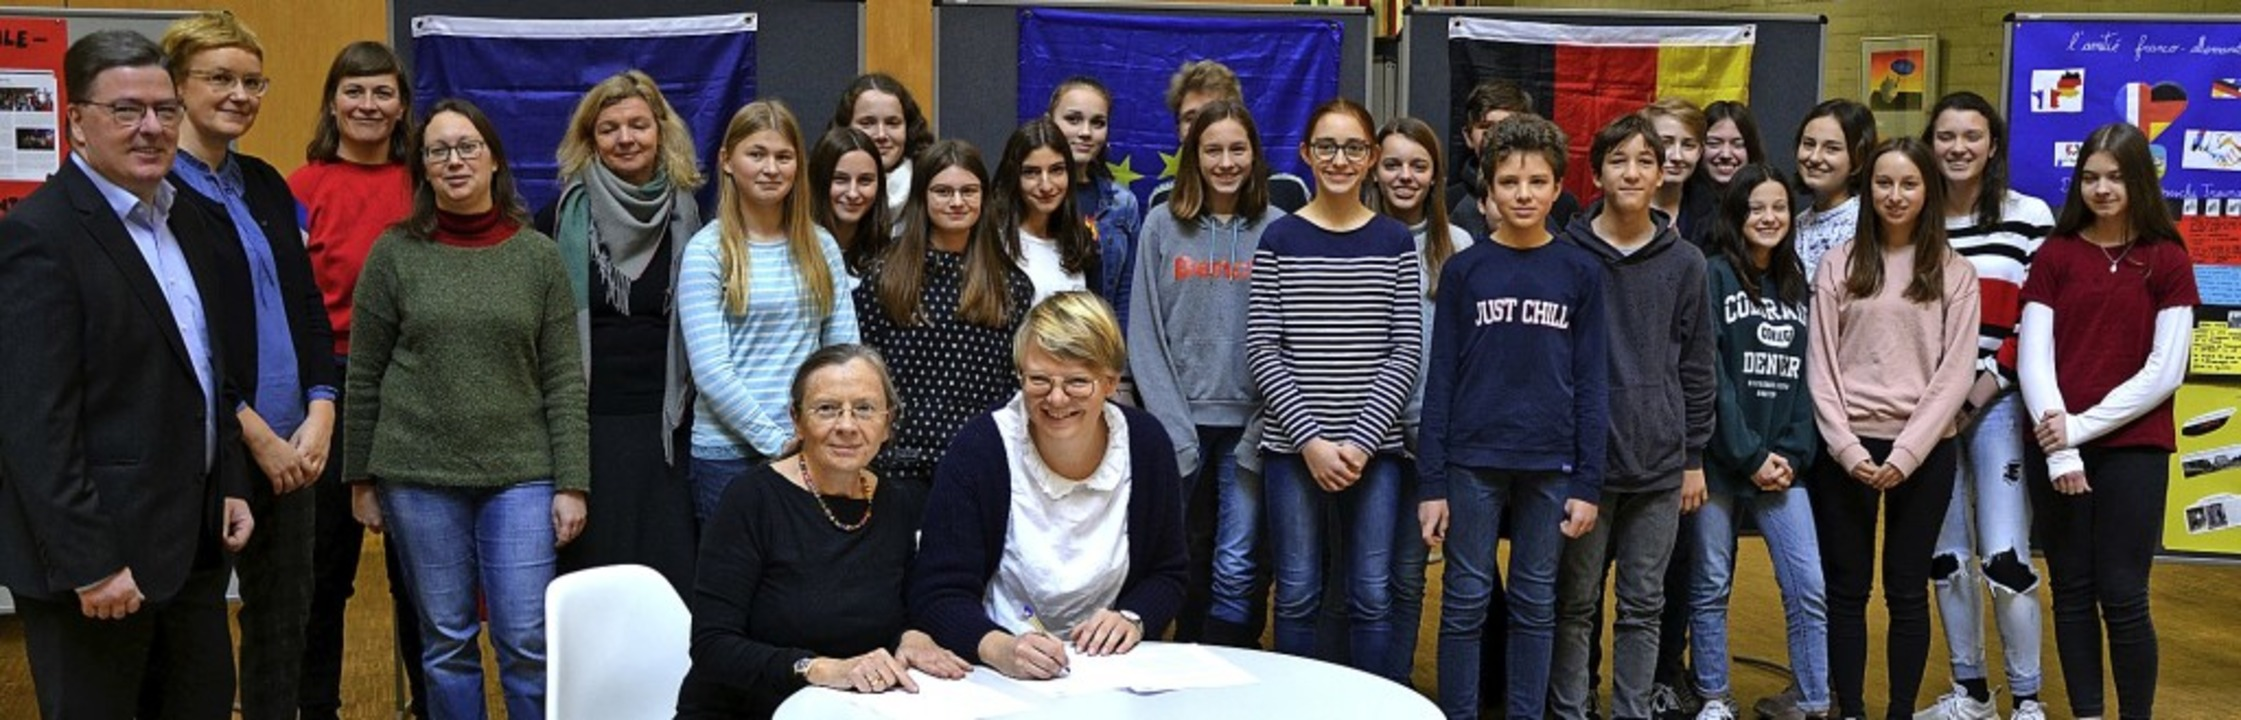 Direktorin Silke Wießner und Katrin Ha...e und Schüler (von links) schauten zu.  | Foto: Patrick Schmeja